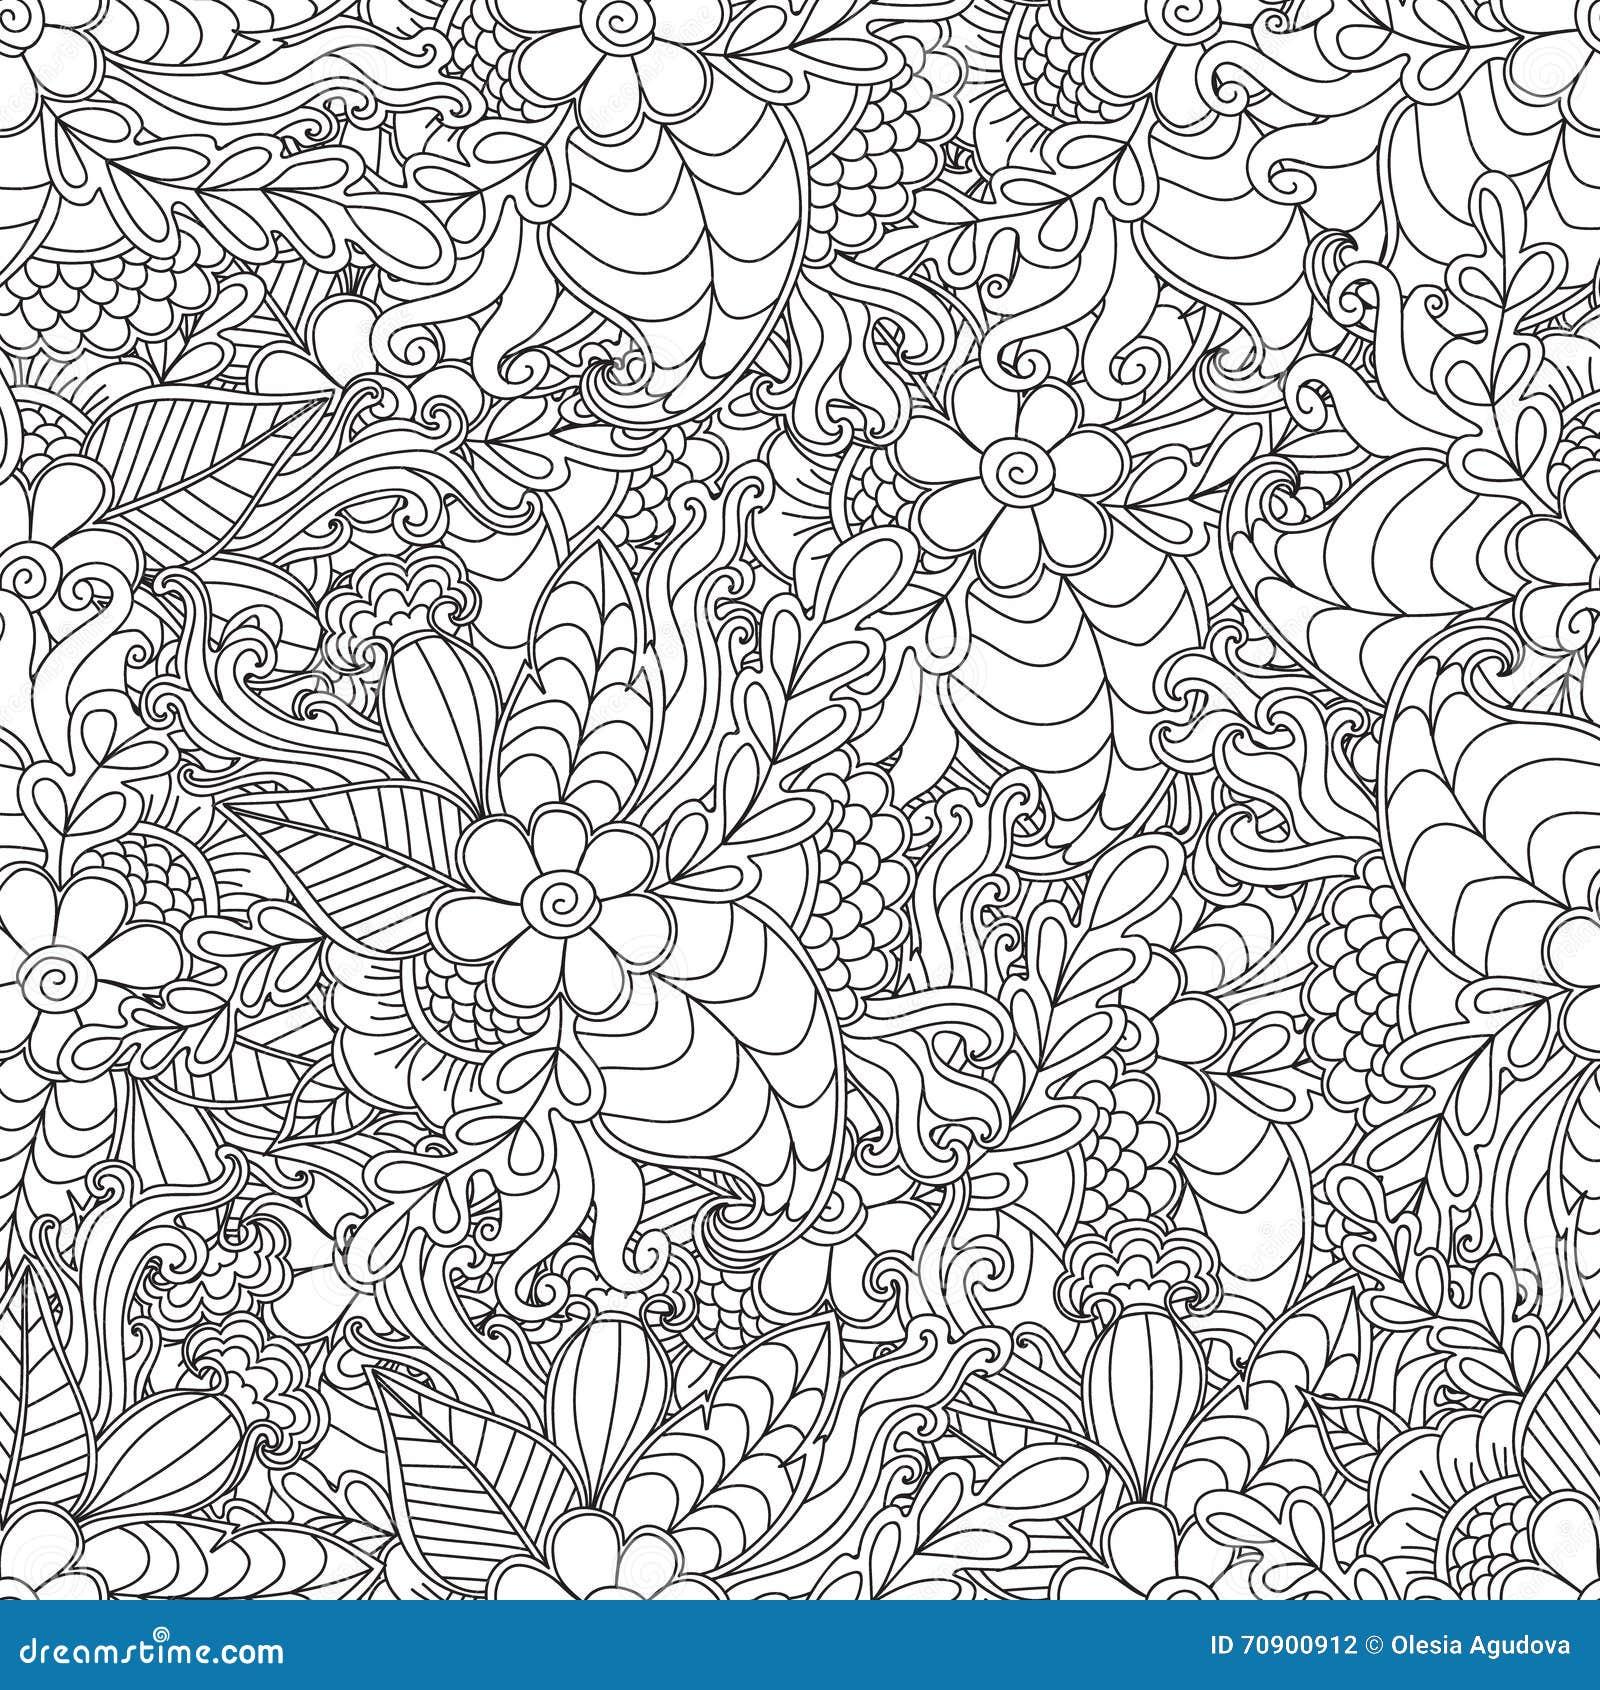 Pagine per il libro da colorare adulto l 39 ornamentale - Adulto da colorare elefante pagine da colorare ...